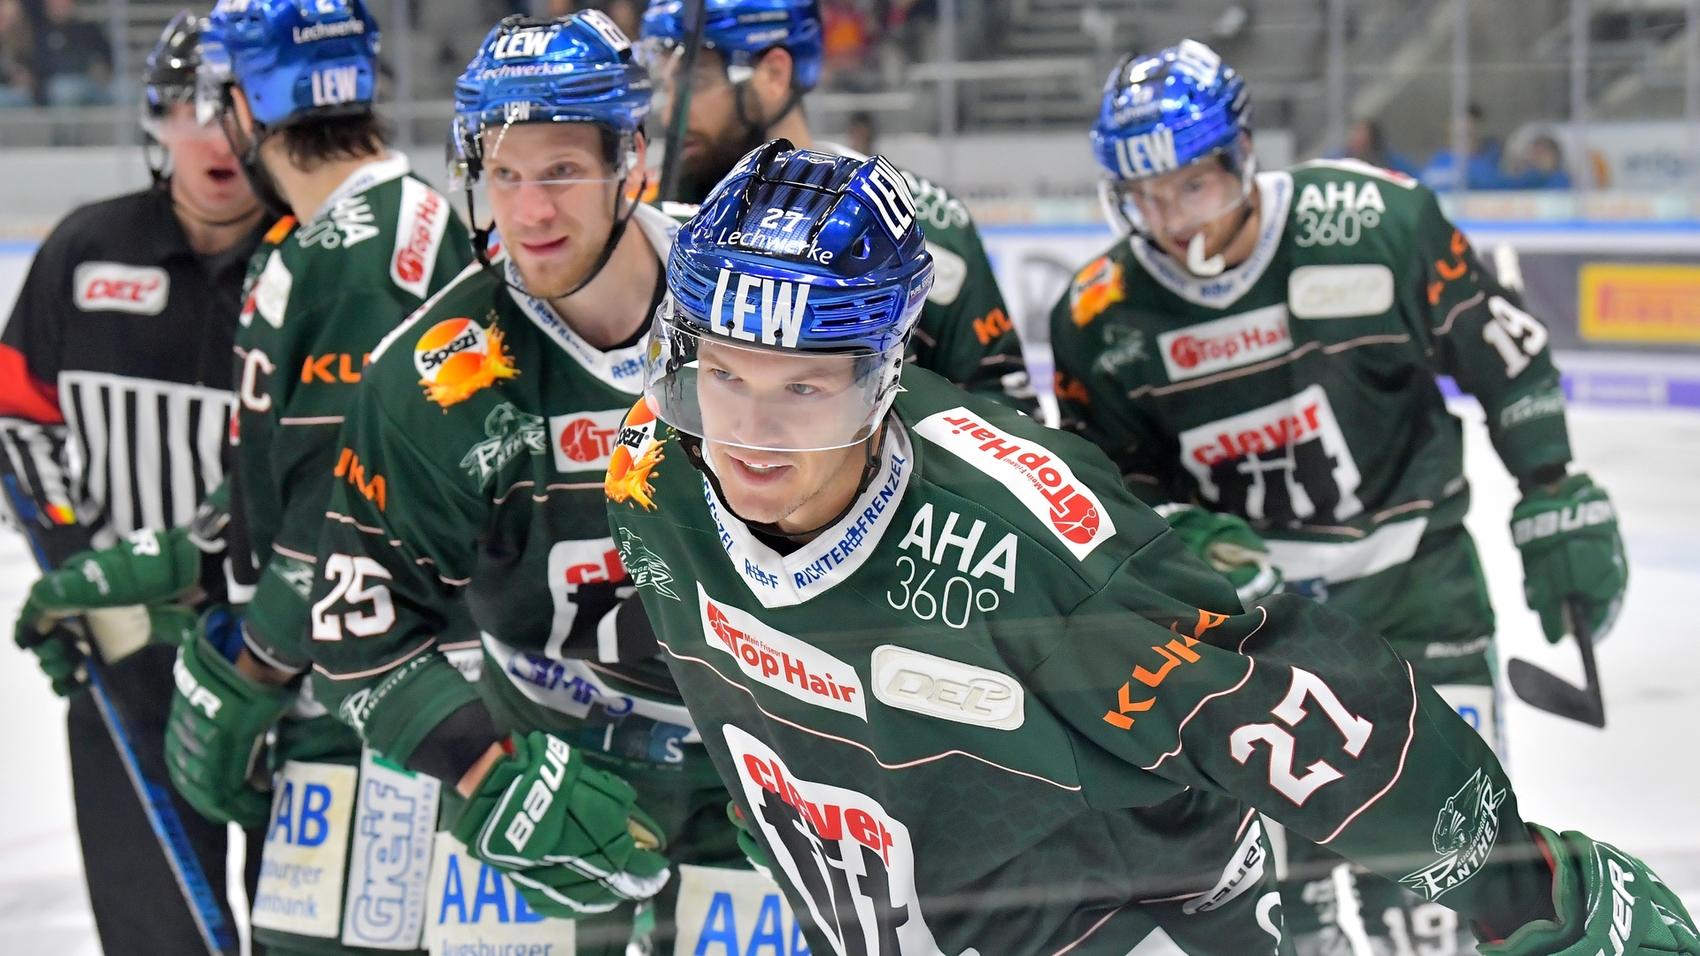 Serie geht weiter! AEV mit dramatischem Sieg gegen Krefeld